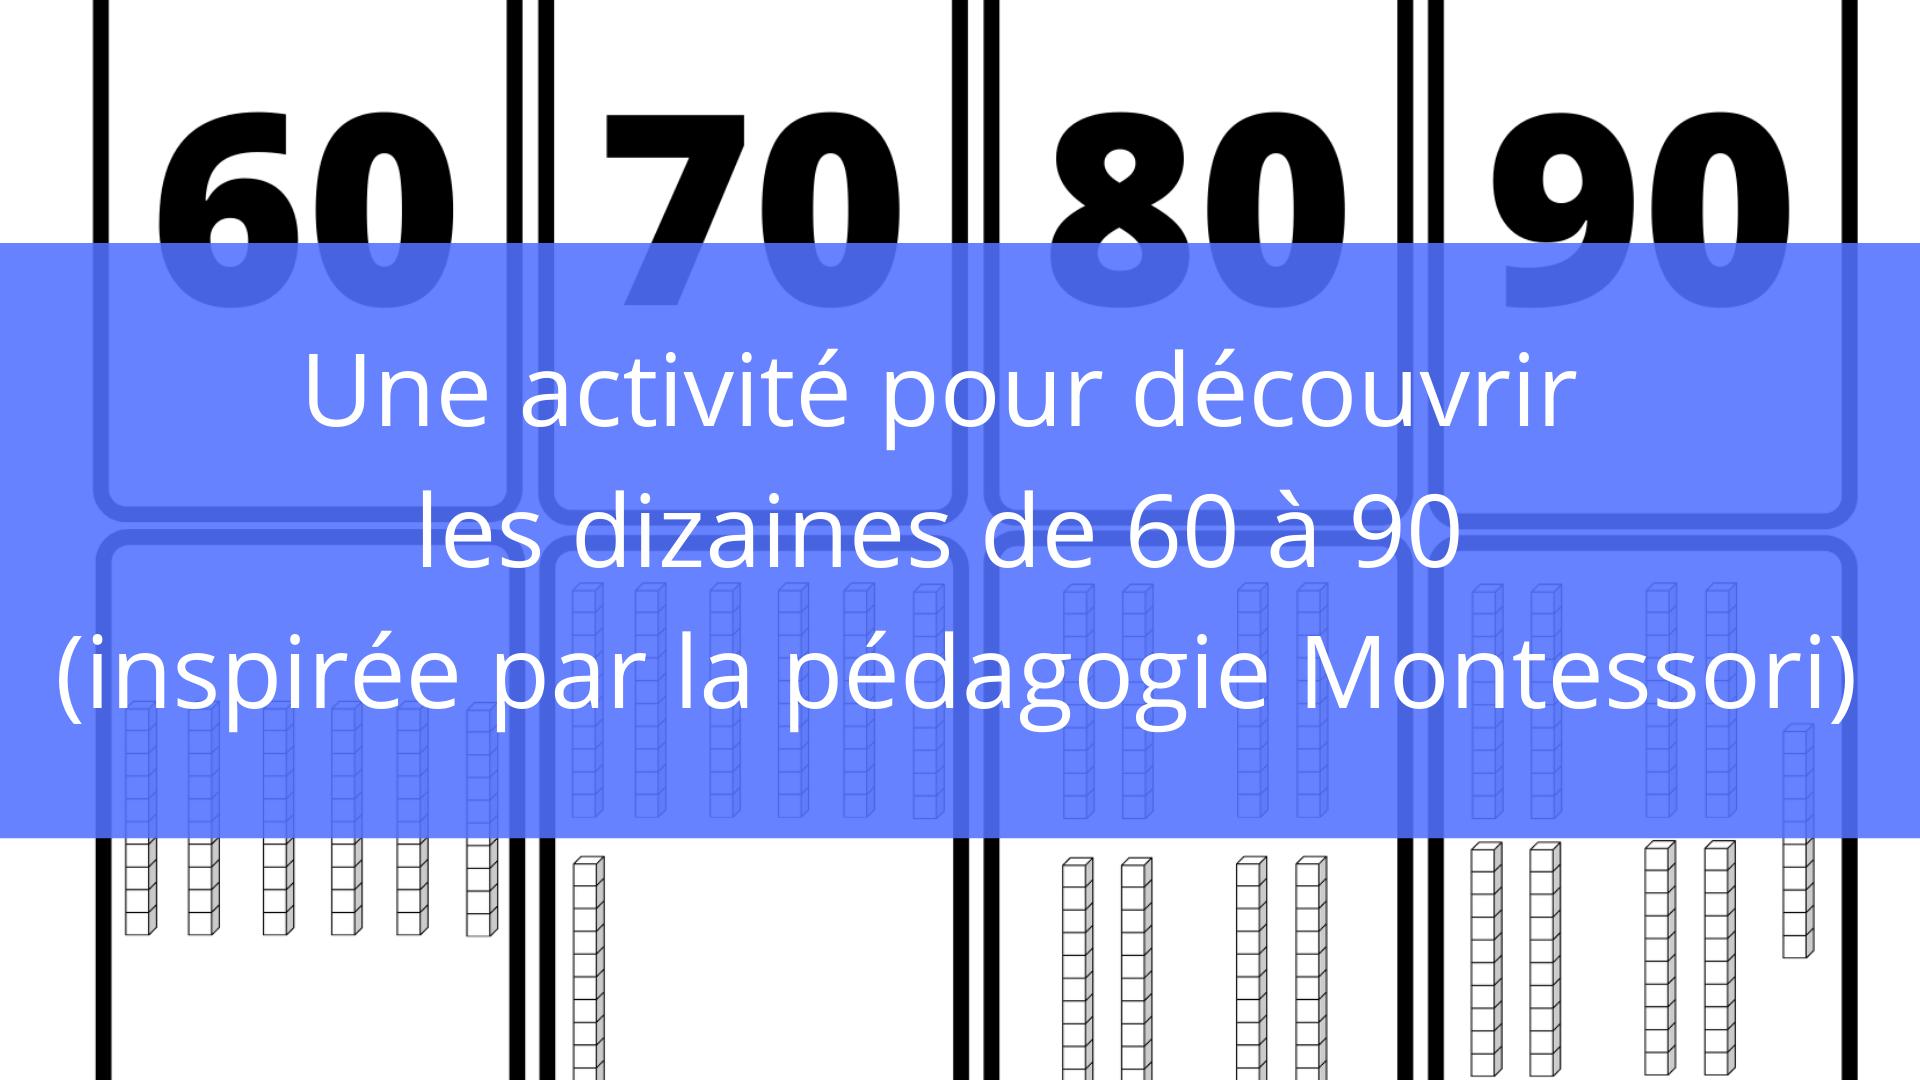 Une activité pour découvrir les dizaines de 60 à 90 (inspirée par la pédagogie Montessori)